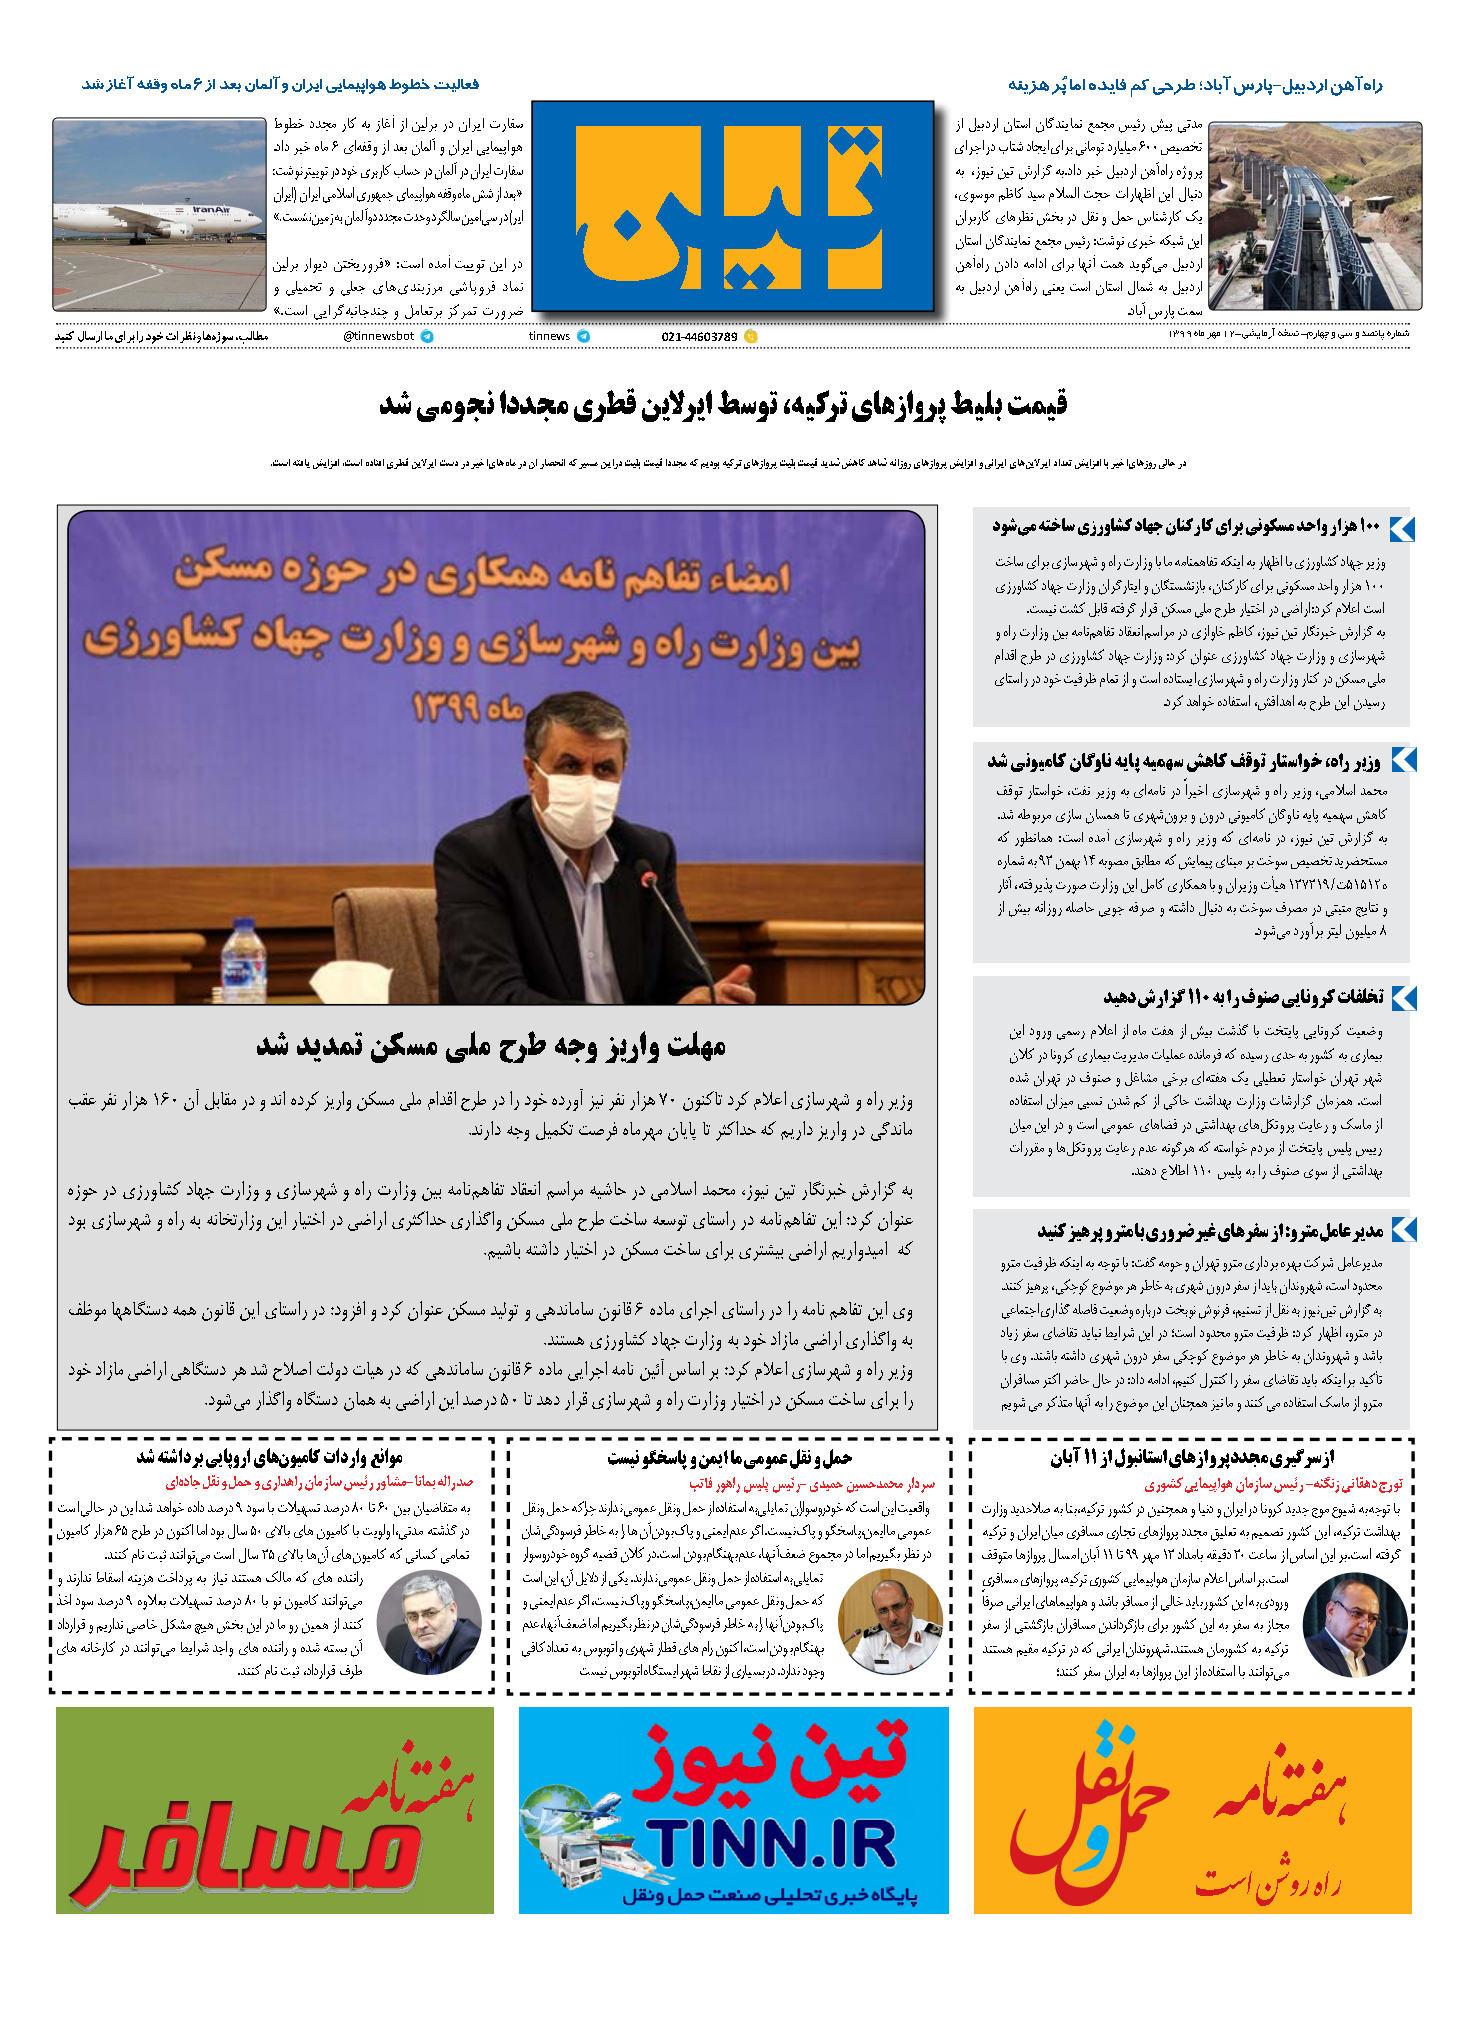 روزنامه الکترونیک 12 مهر ماه 99